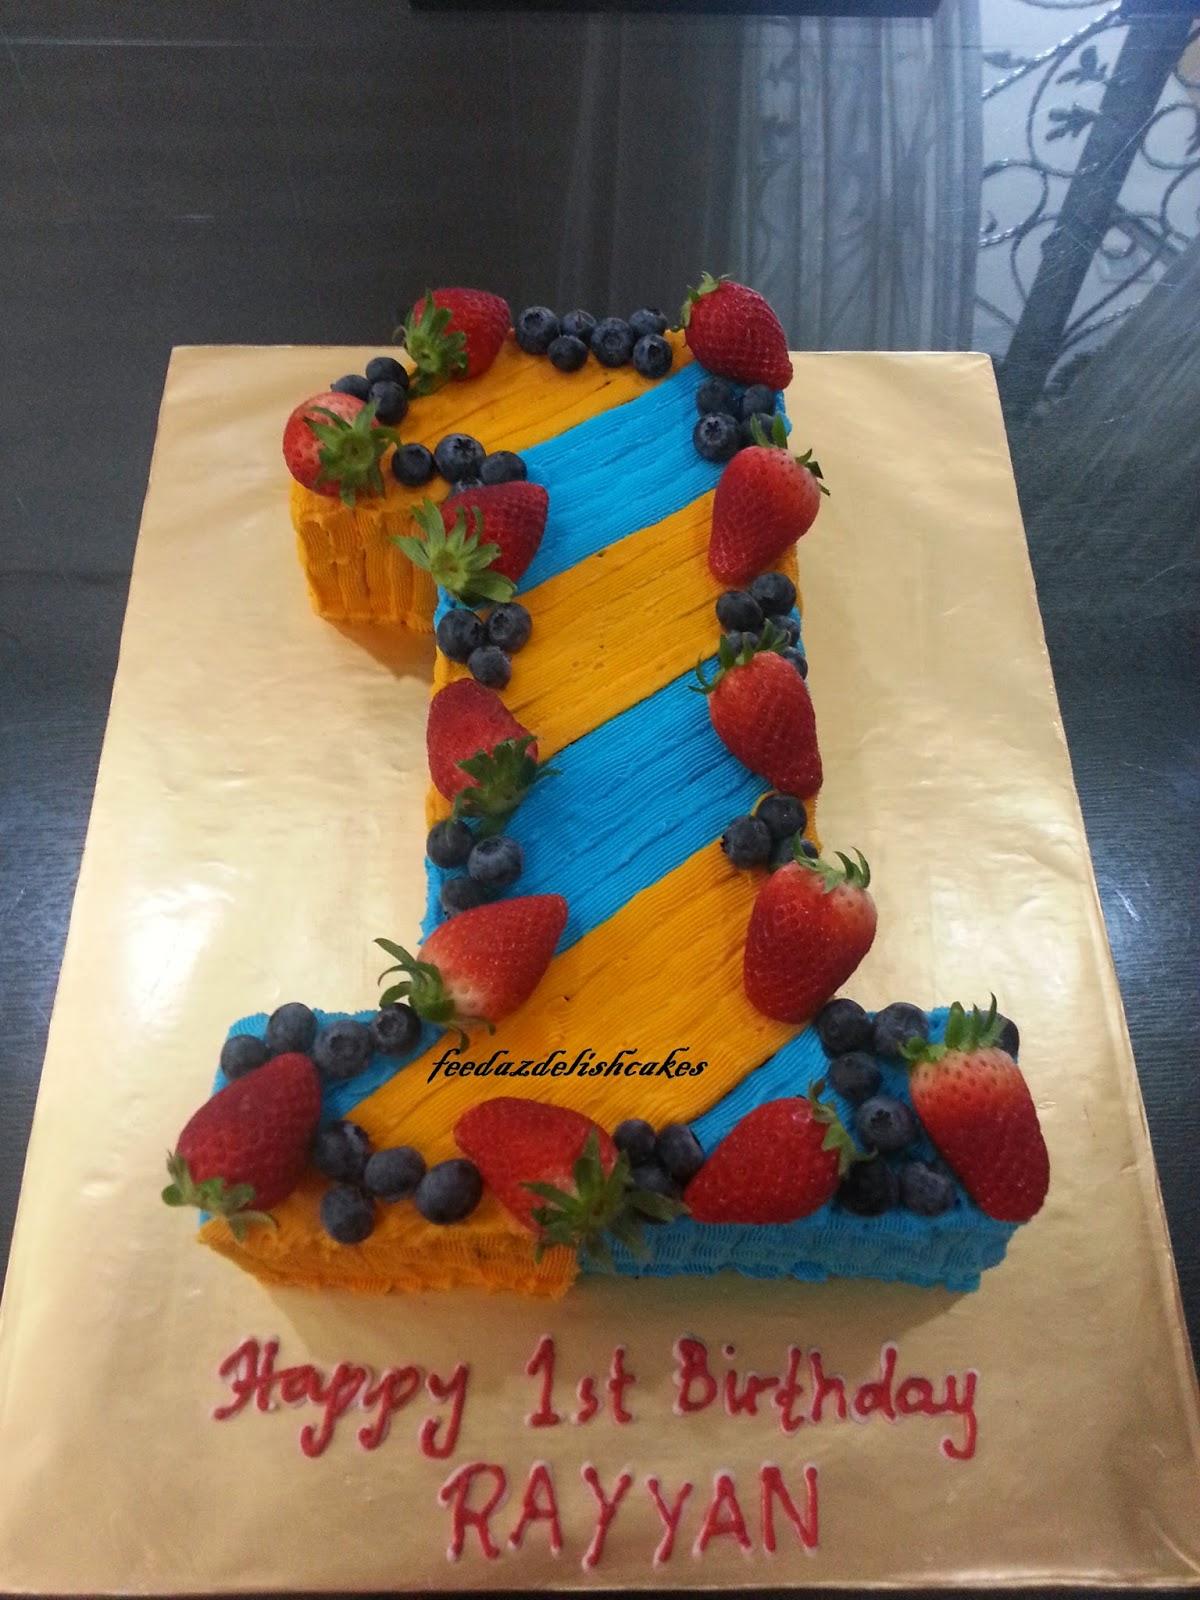 Feedazdelishcakes Number 1 Shaped Moist Choc Cake With Choc Ganache